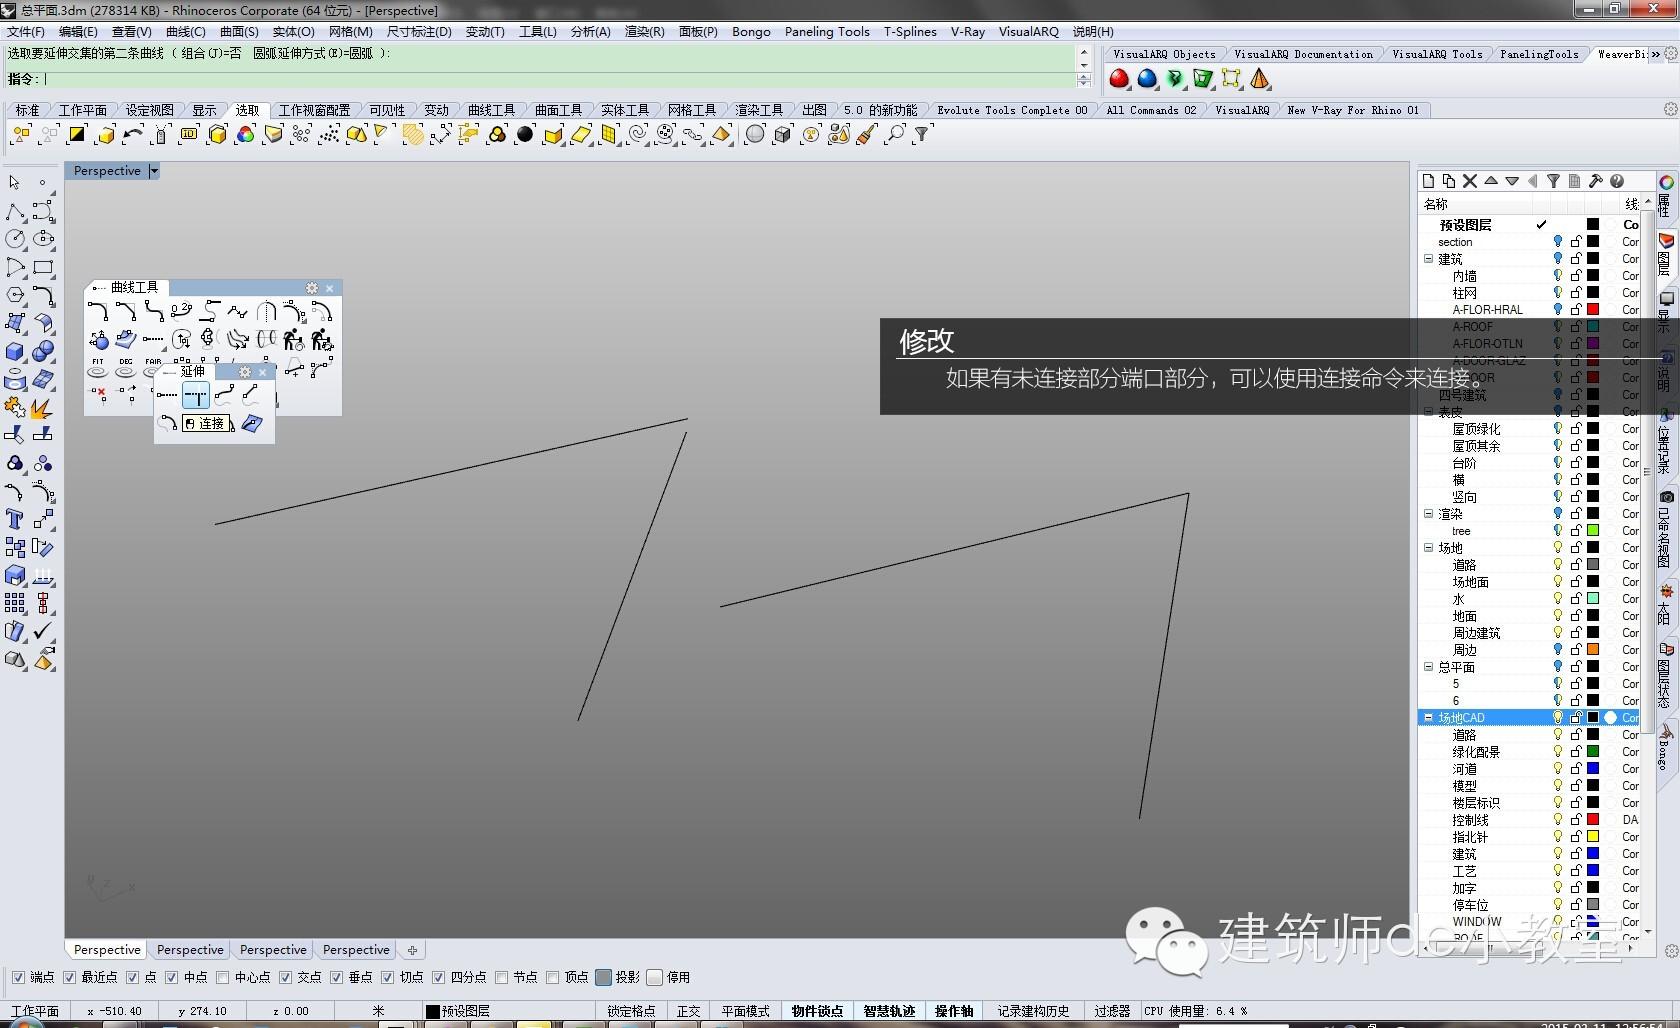 CAD转Rhino的小教室犀牛问[大学小技巧Vocad全缩小屏放大图片